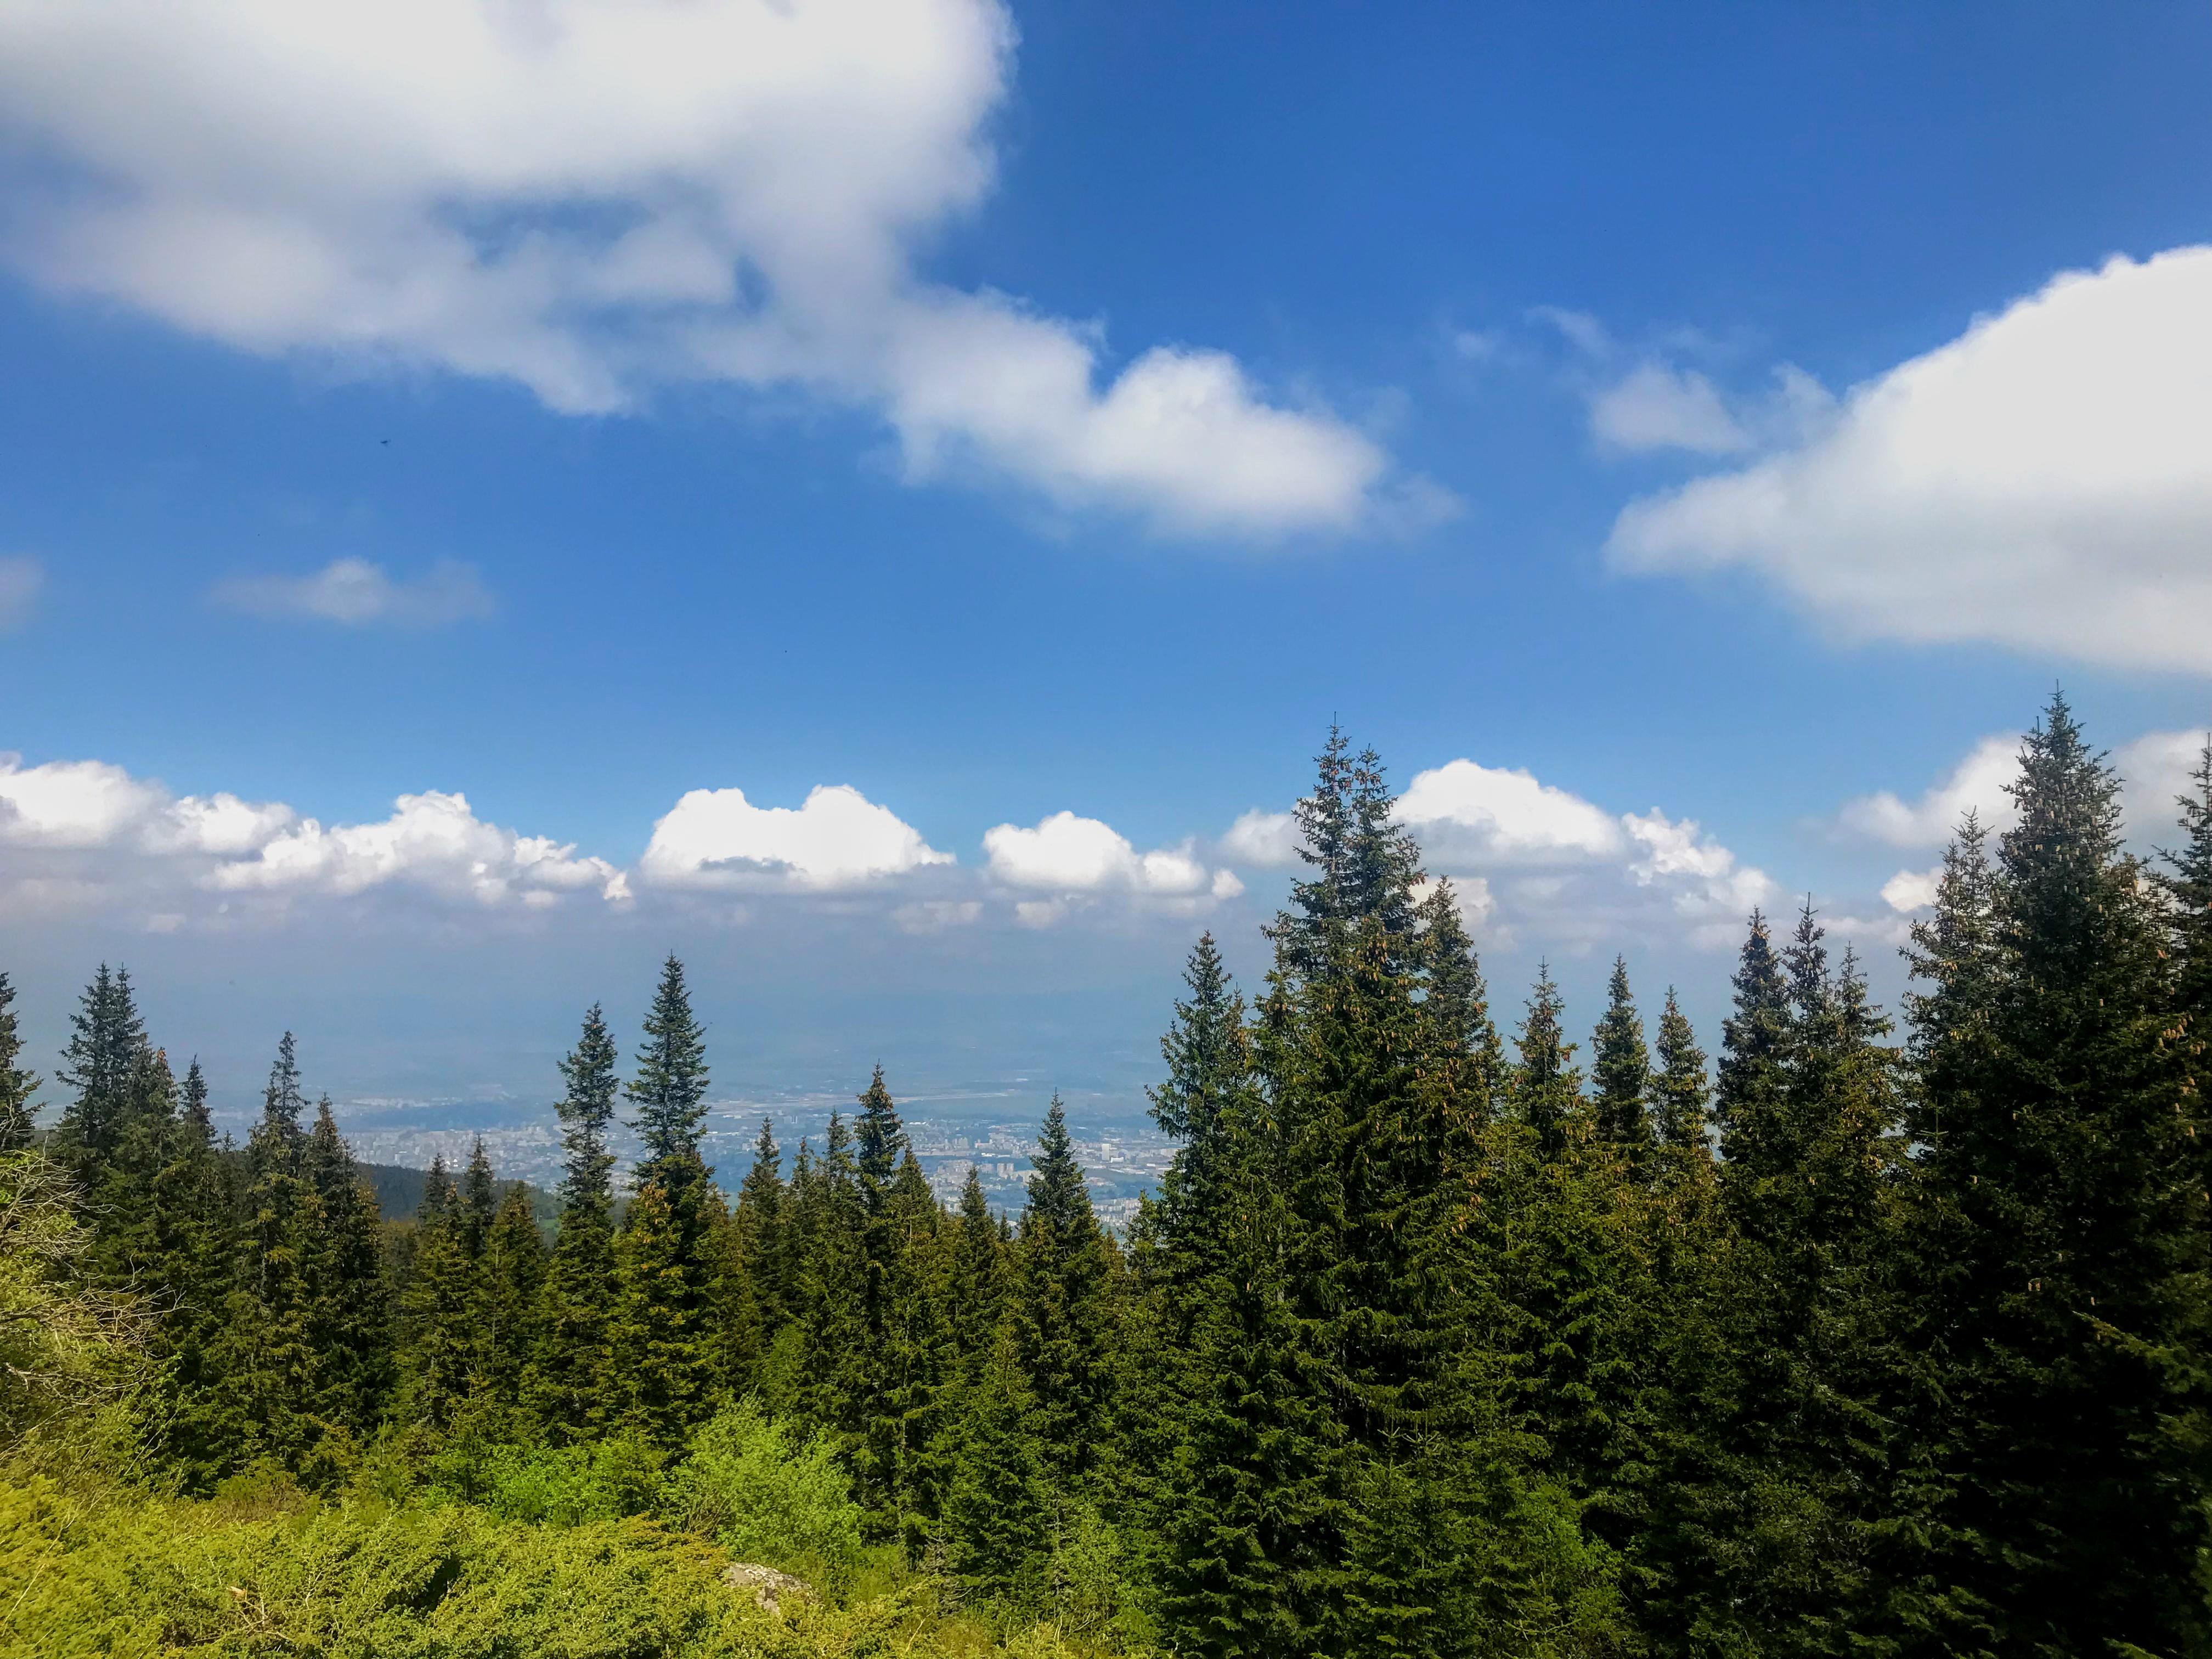 Hiking in Sofia: How to Get to Vitosha Mountain